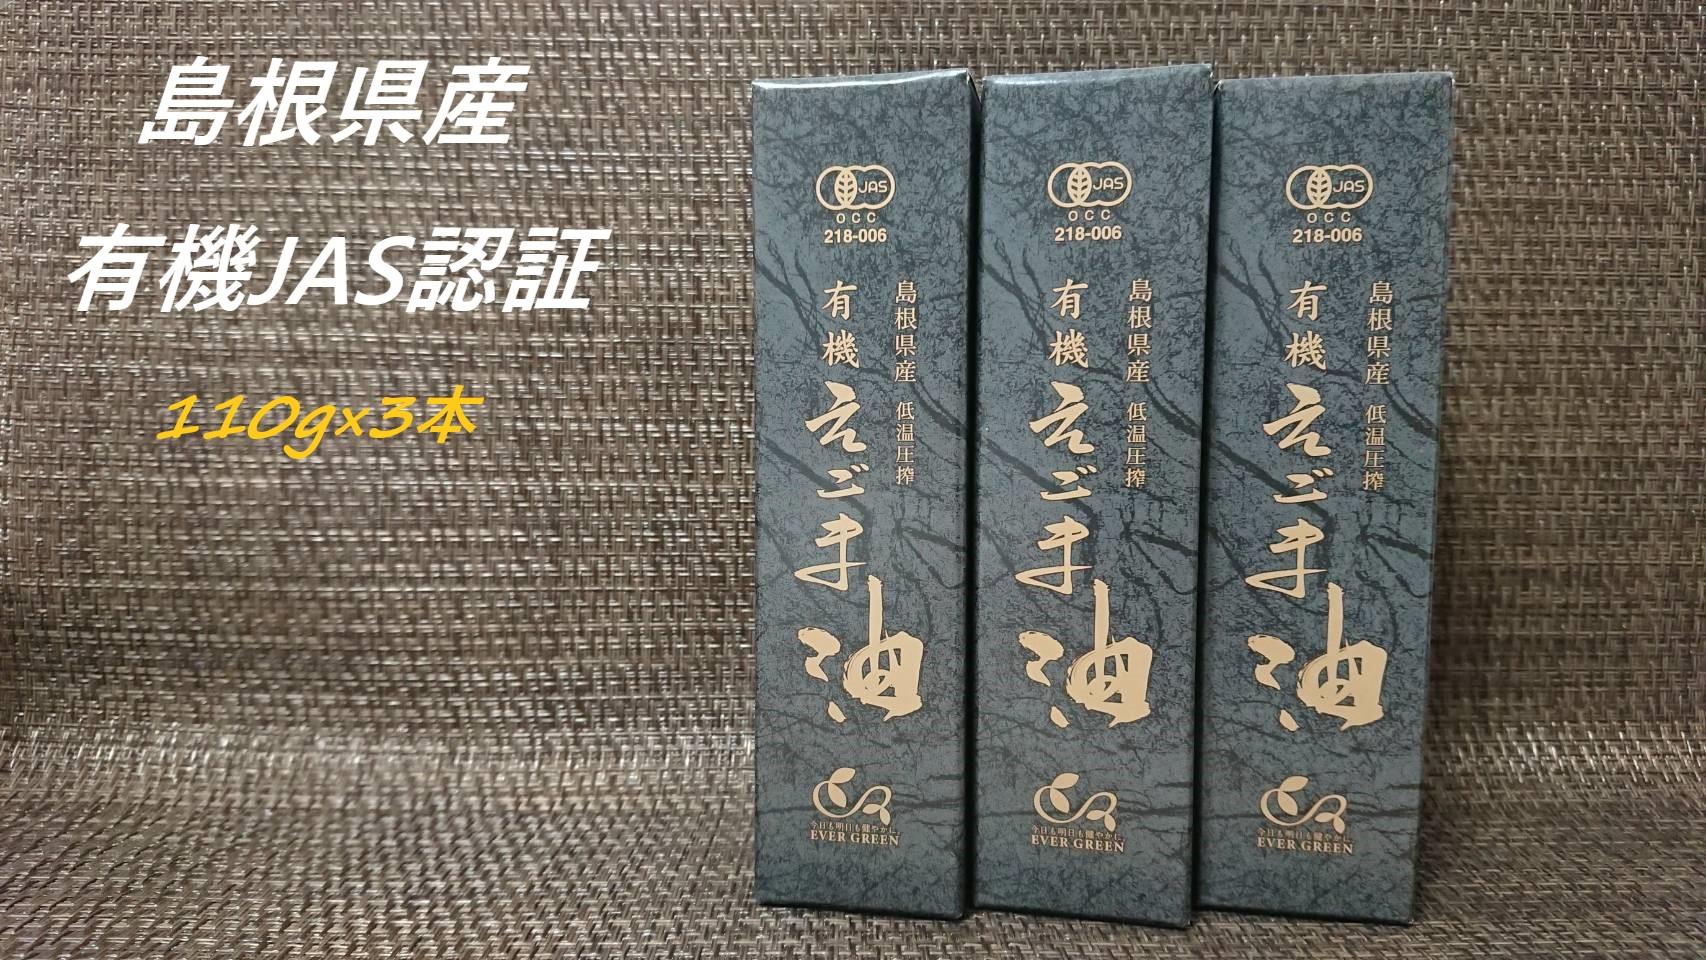 【えごま油】浜田市旭町産 3本個包装 ☆有機JAS認証